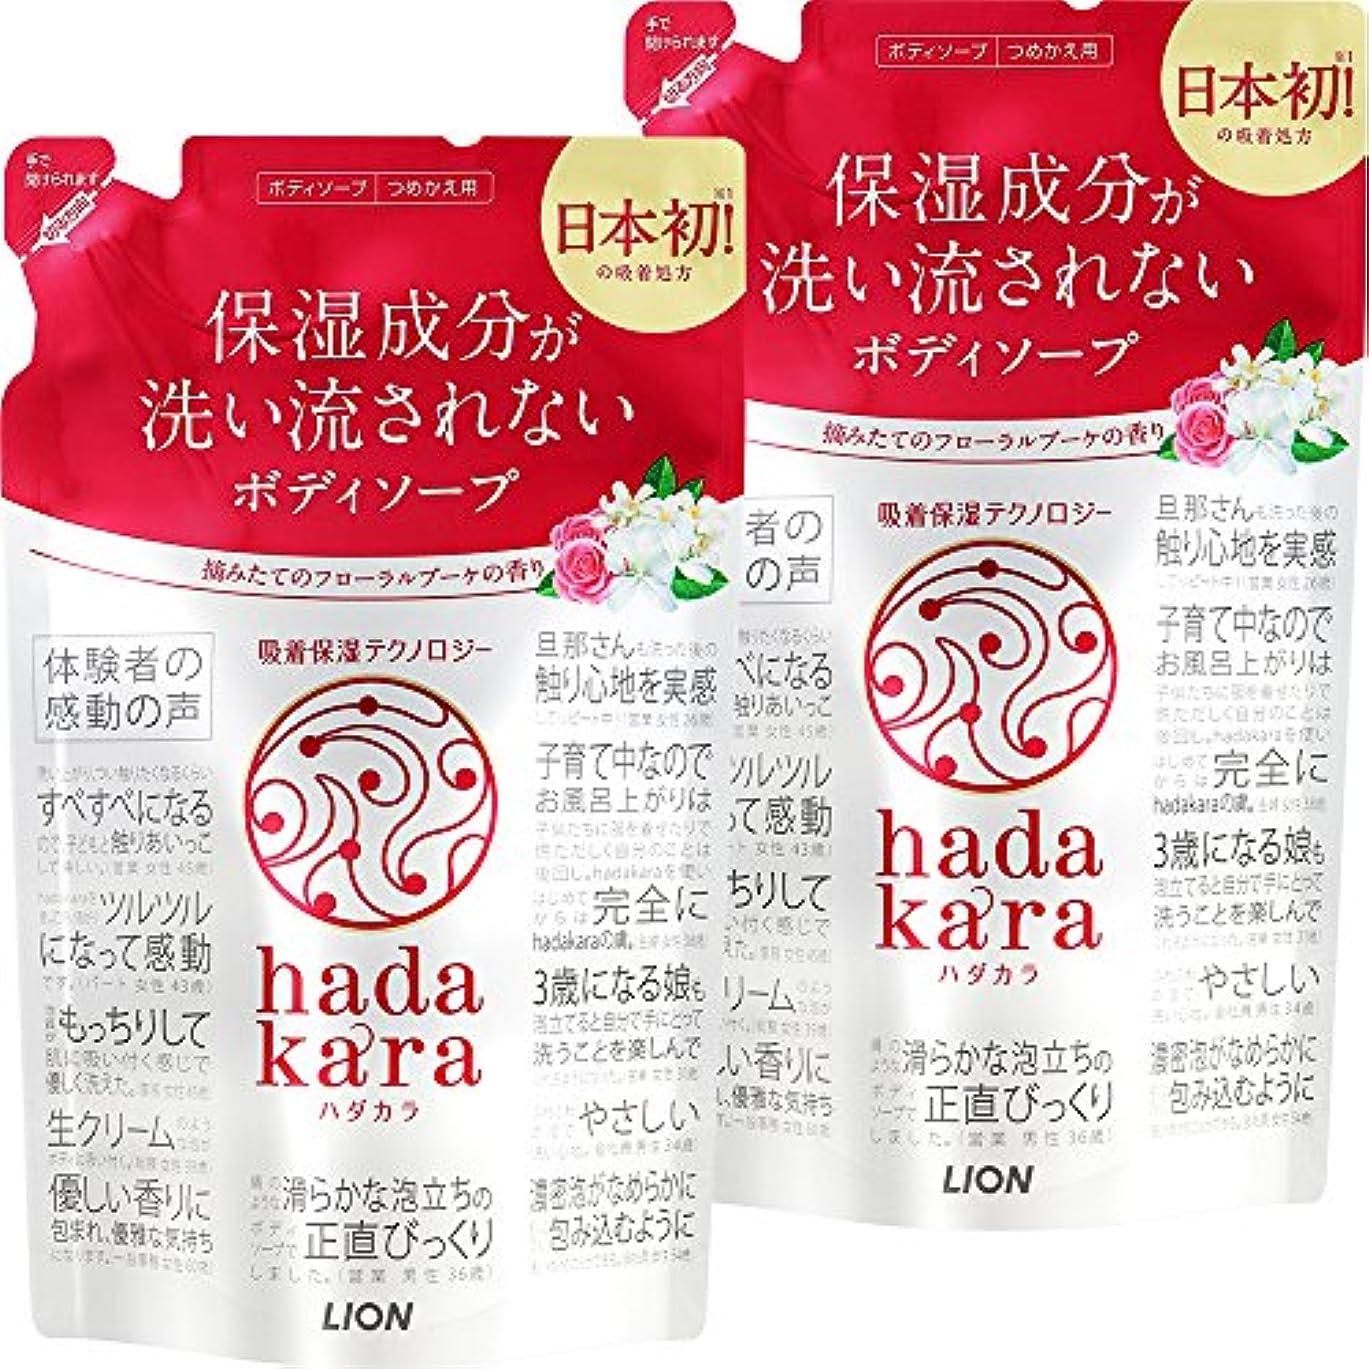 【まとめ買い】hadakara(ハダカラ) ボディソープ フローラルブーケの香り 詰め替え 360ml×2個パック